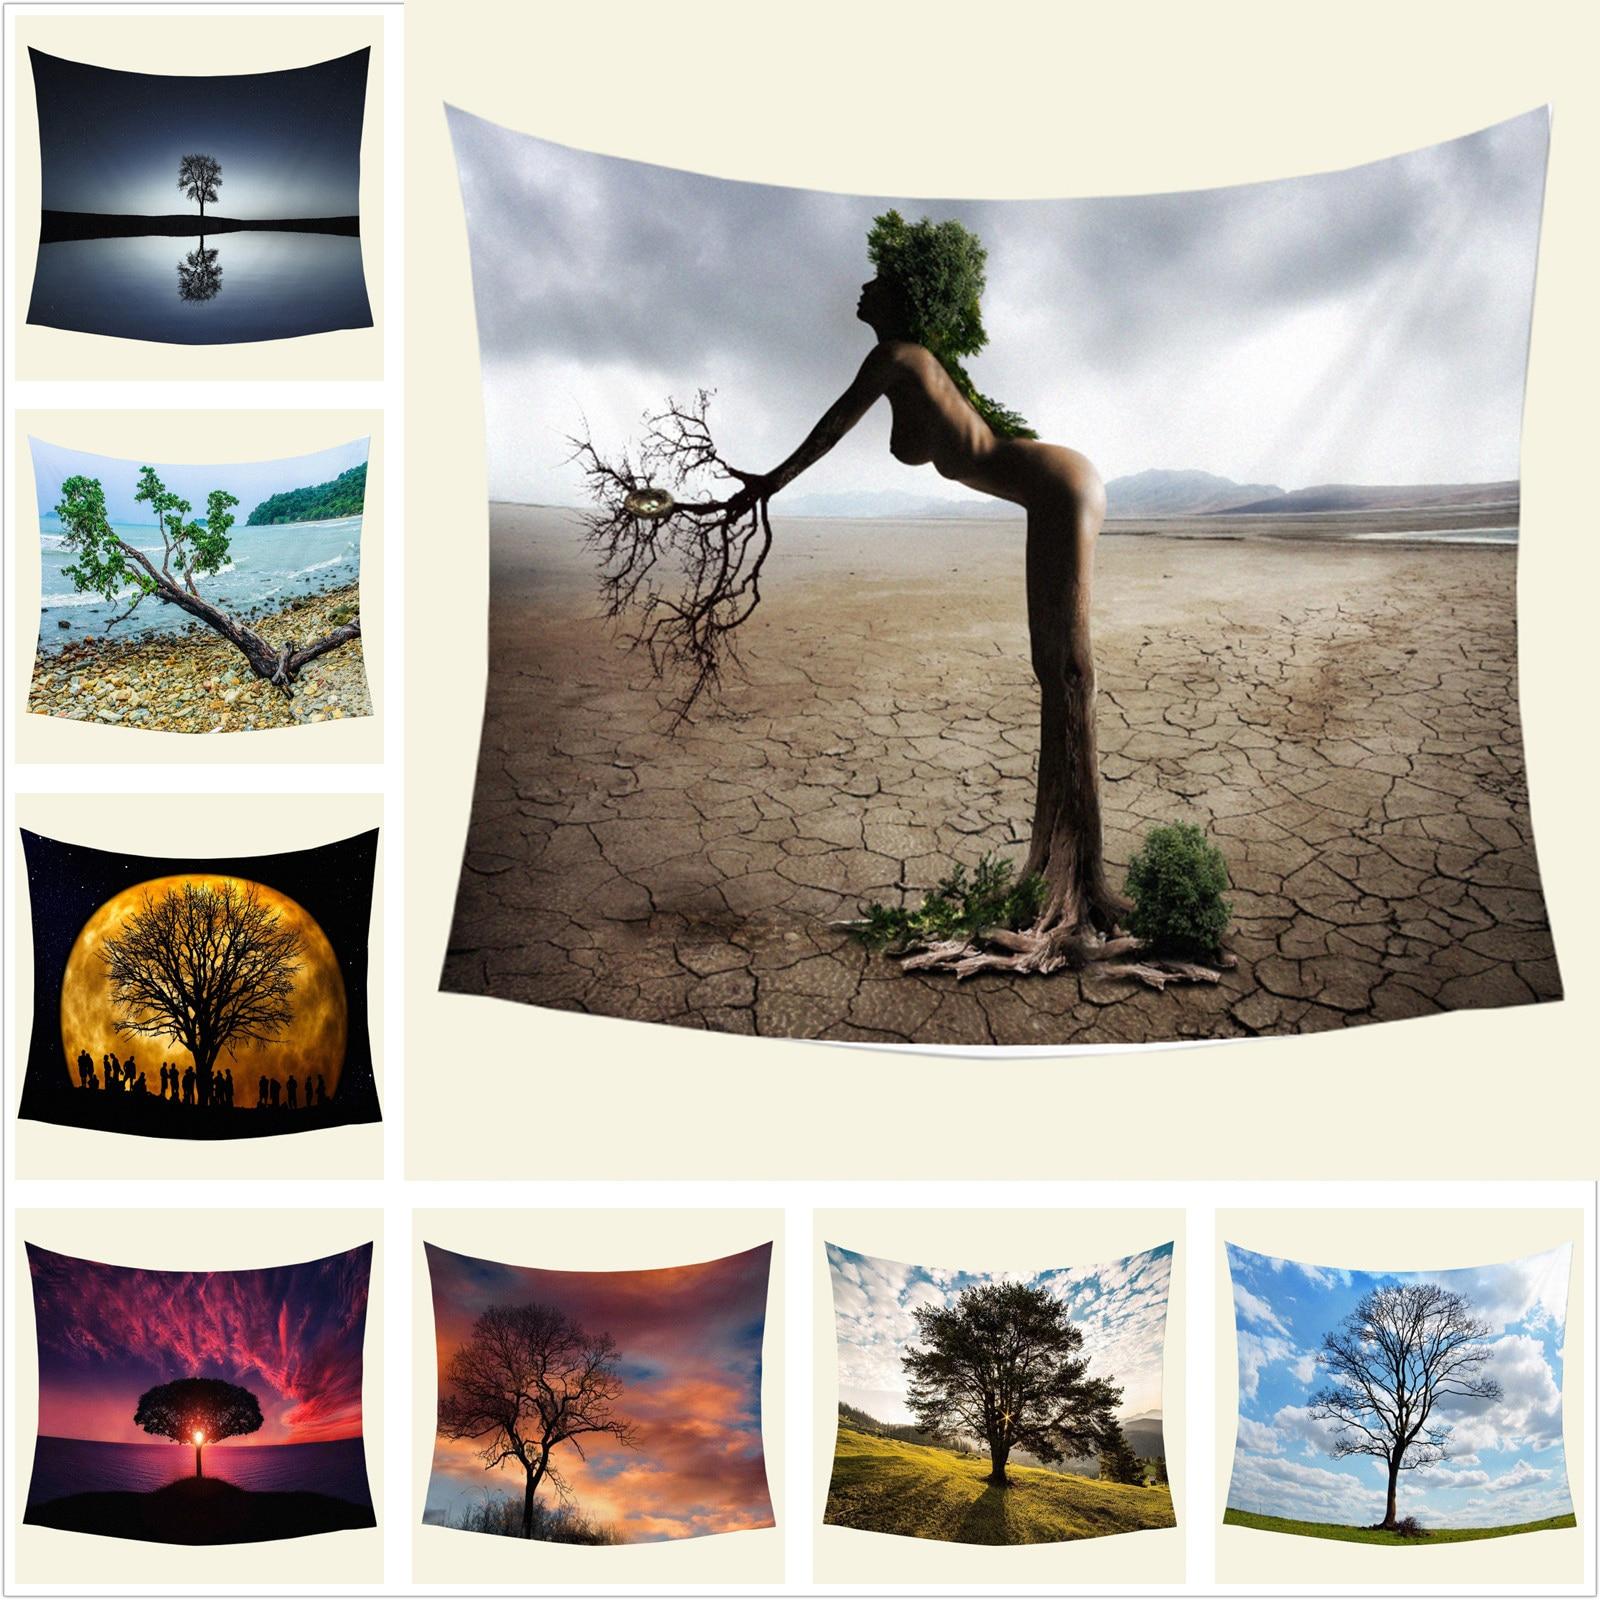 Художественный гобелен с изображением натурального пейзажа дерева, Большой Настенный Коврик для йоги, пляжный коврик, покрывало, скатерть